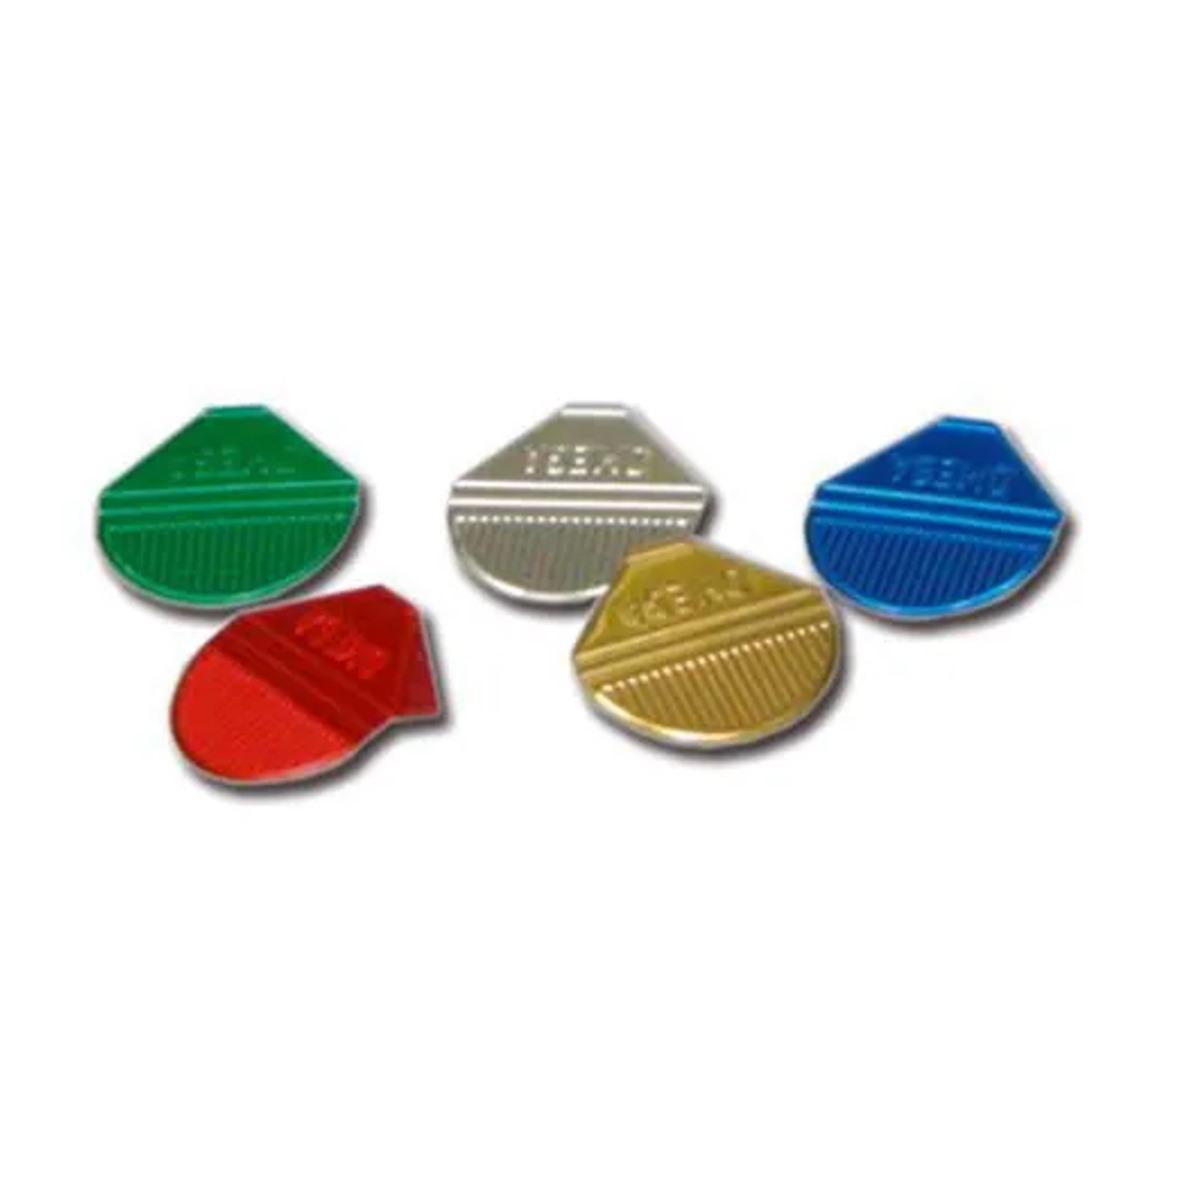 Prendedor de  Papel Presclip Omega - Caixa 1000 Unds Cores Sortidas